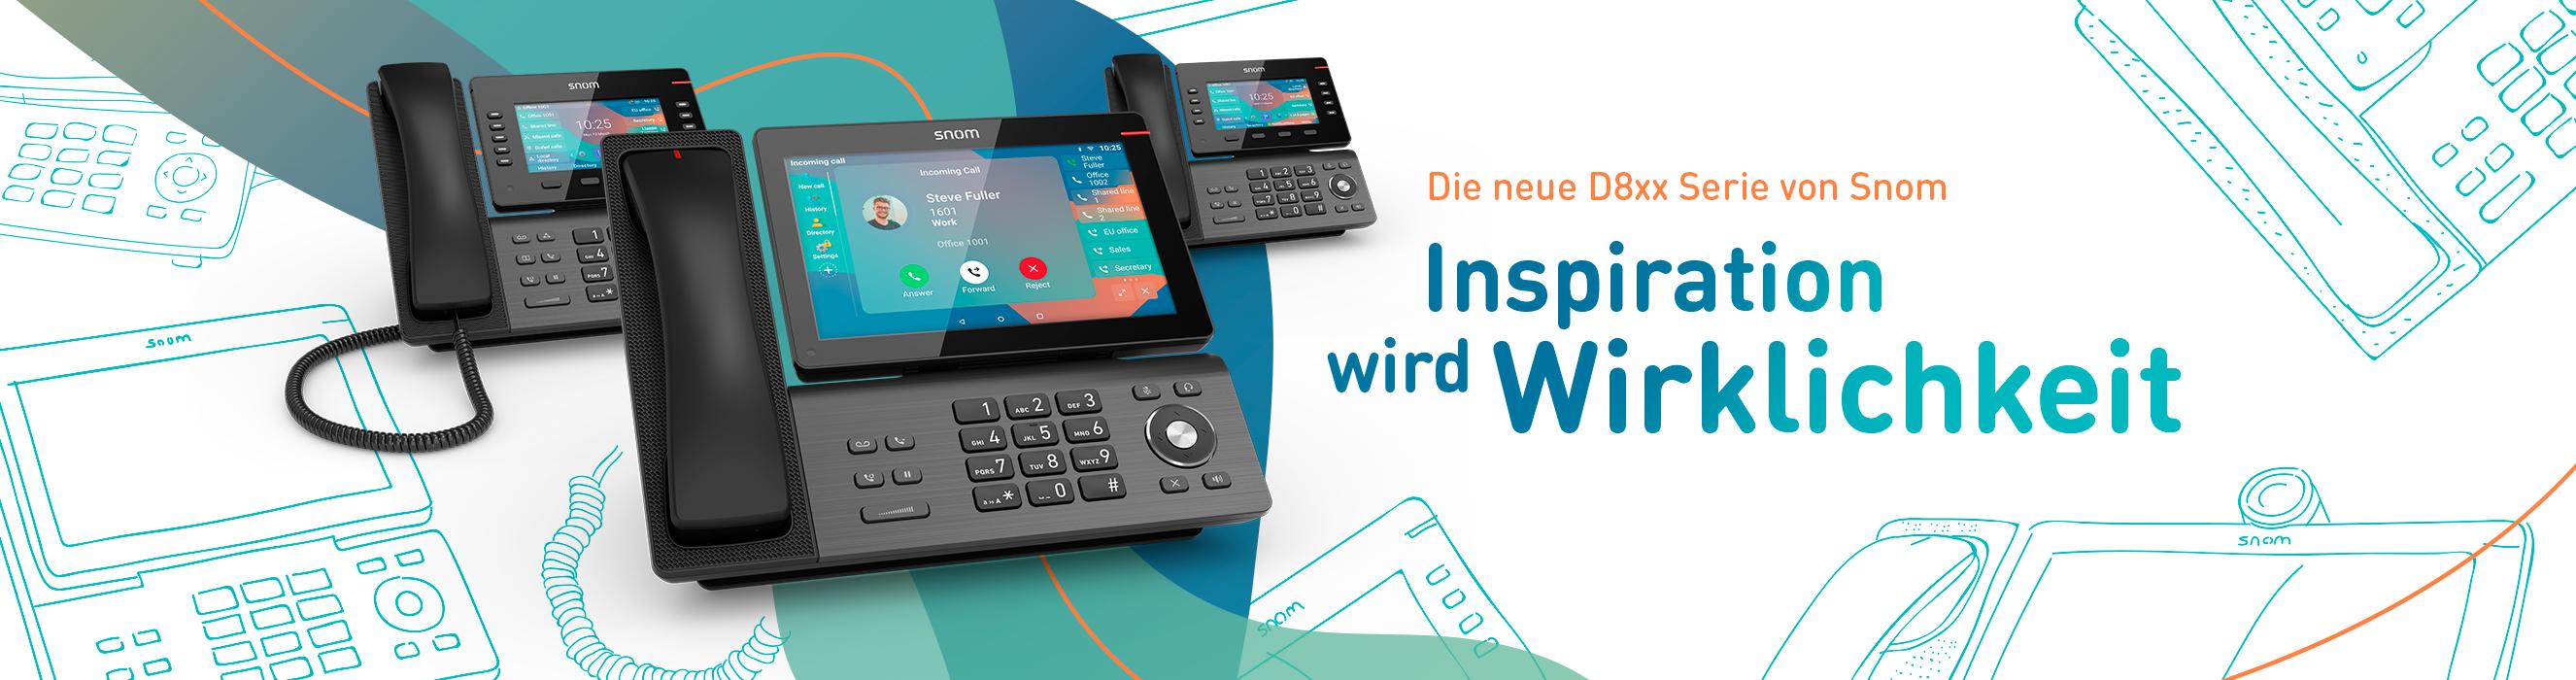 210921_snom_webbanner_2652x700px_D8xx-Serie_deutsch.jpg